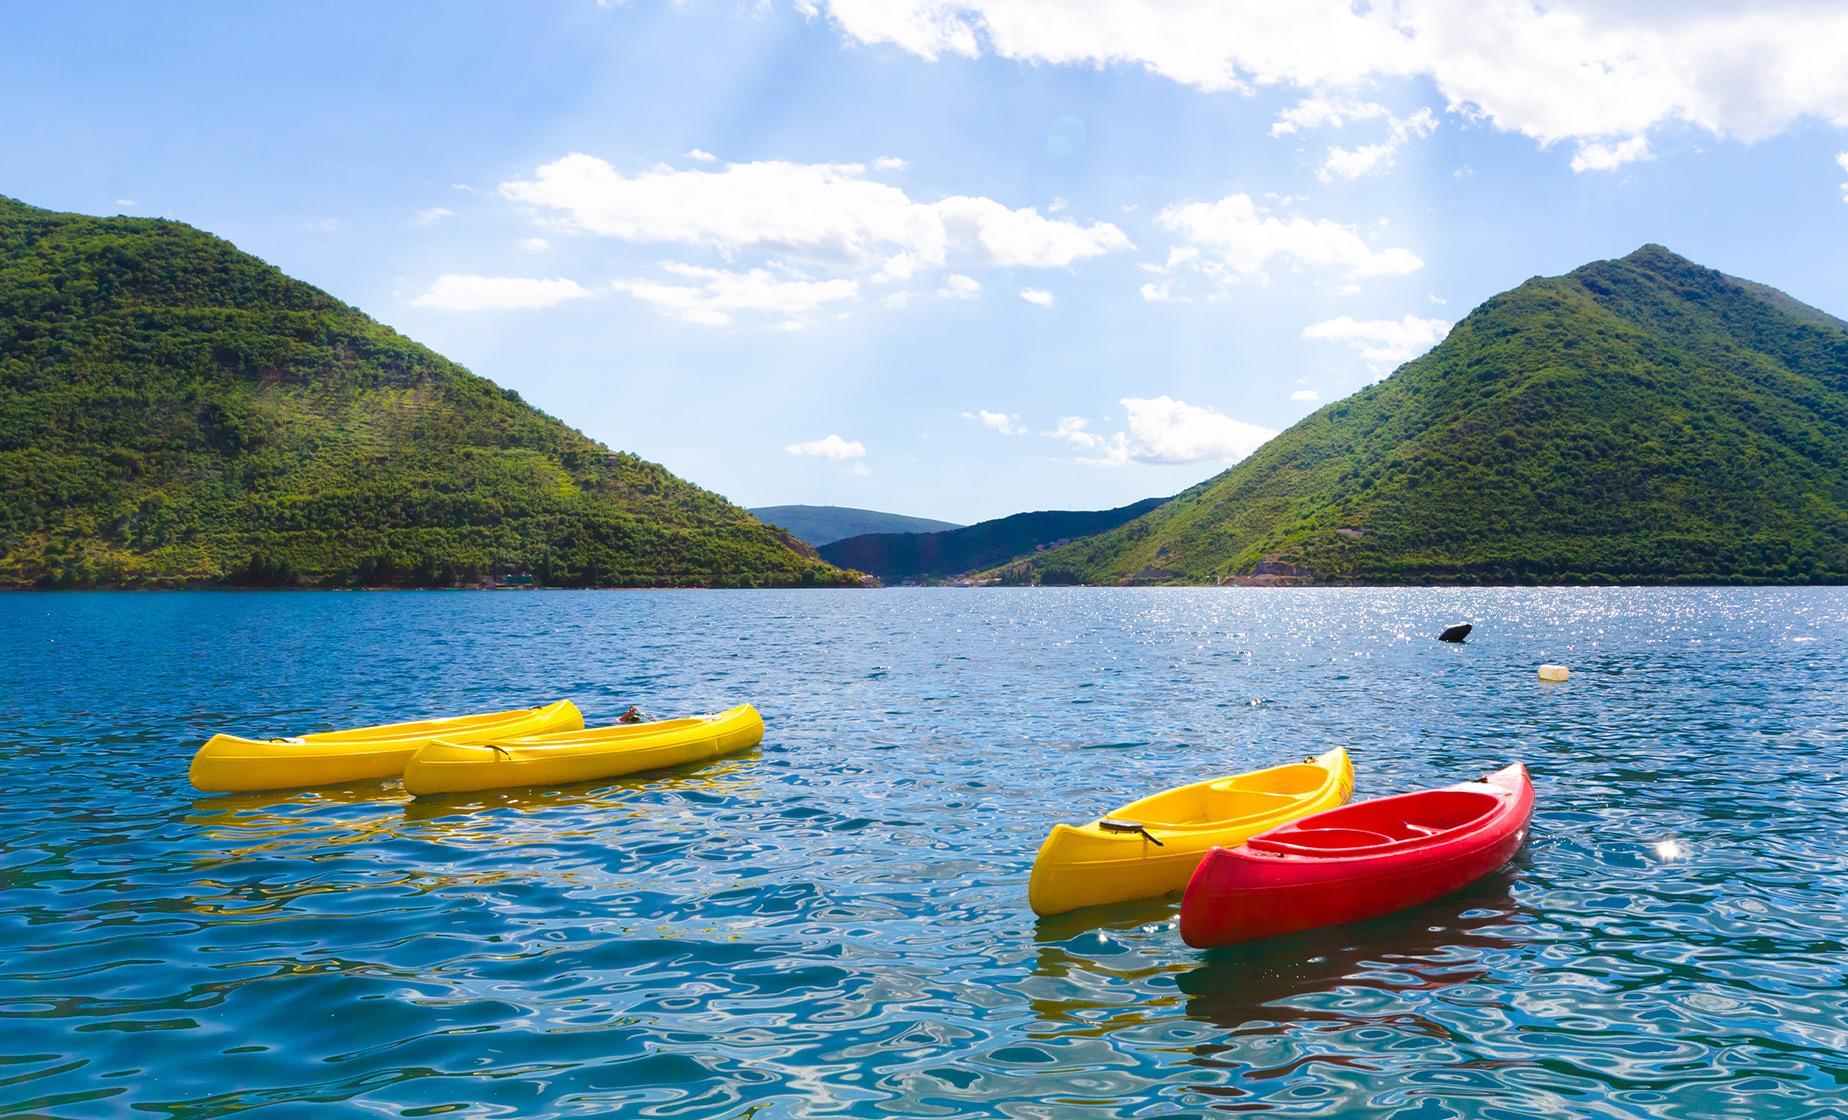 Kotor Bay's Beauty by Kayak